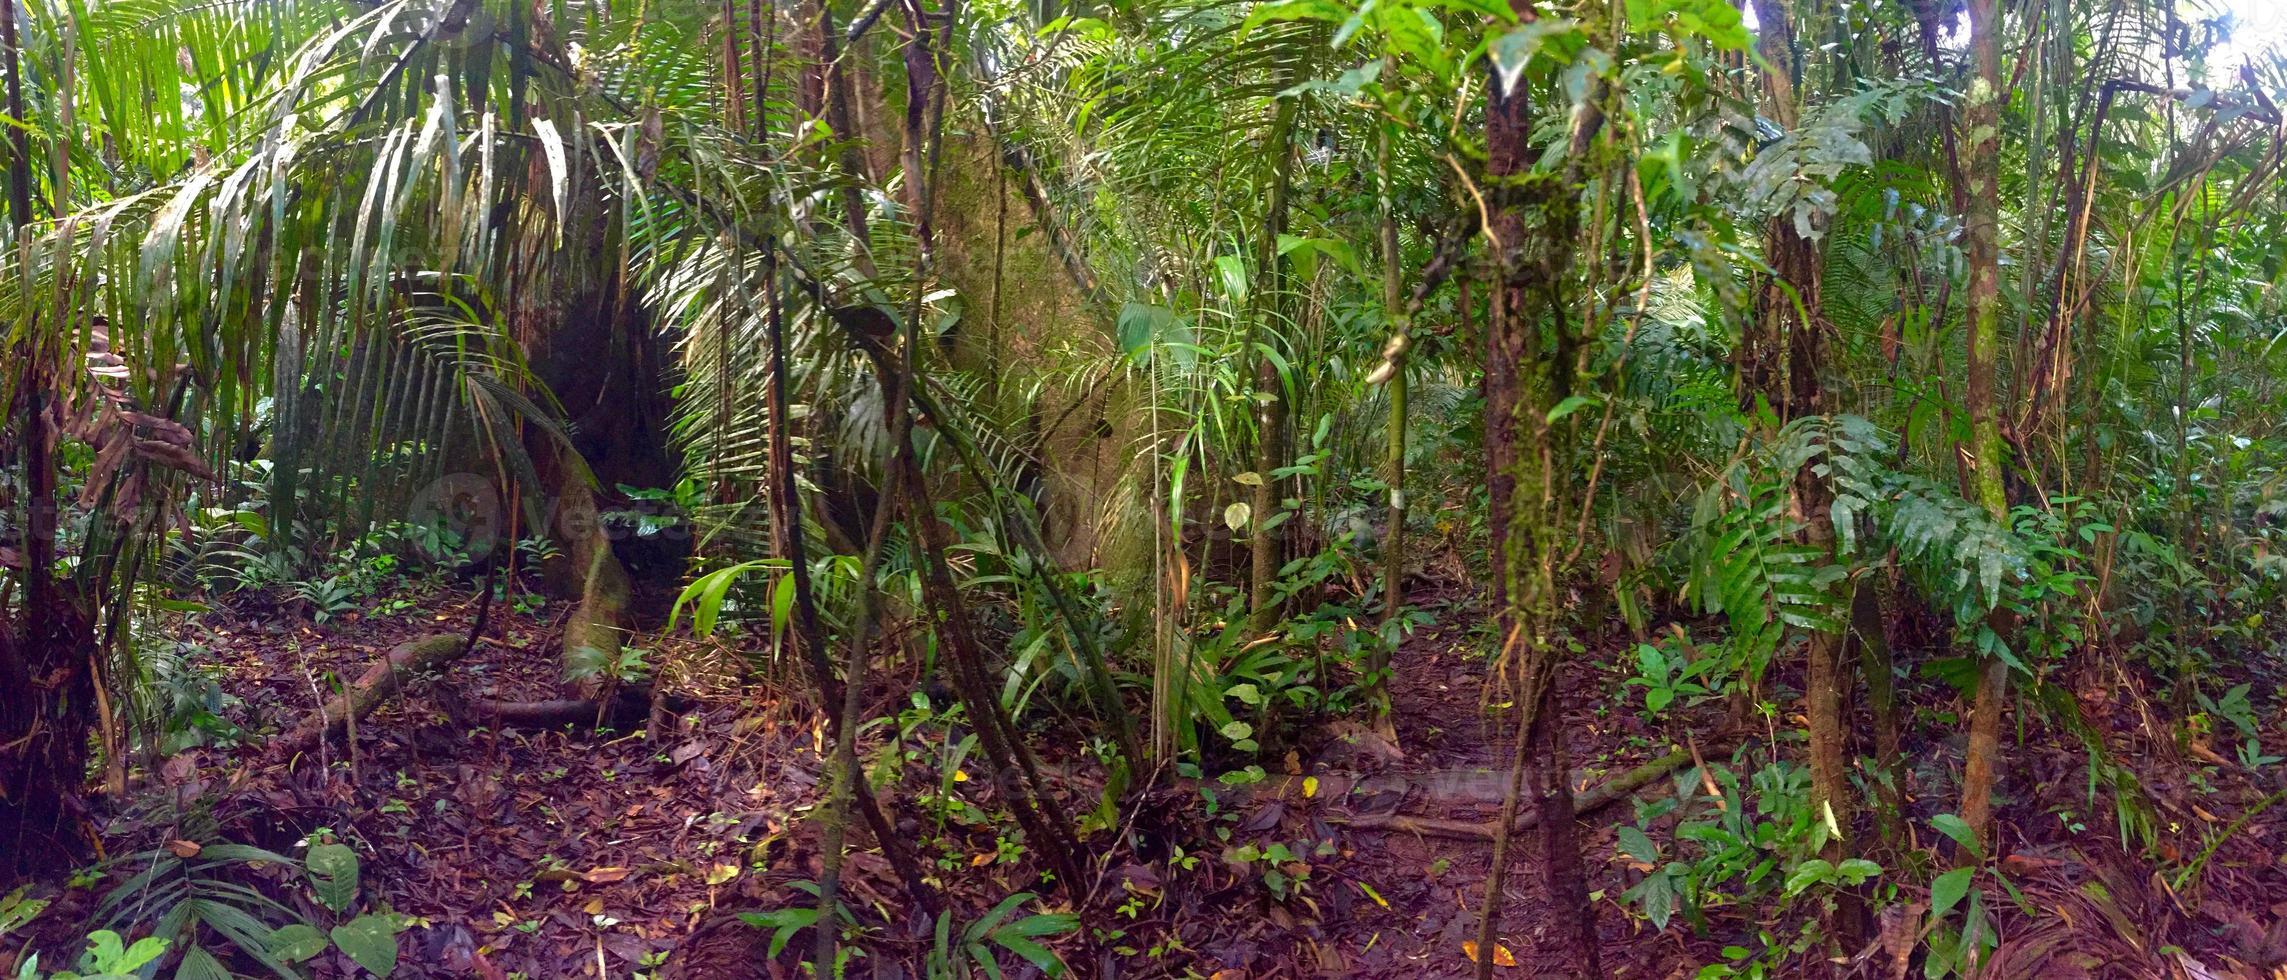 vista da selva foto